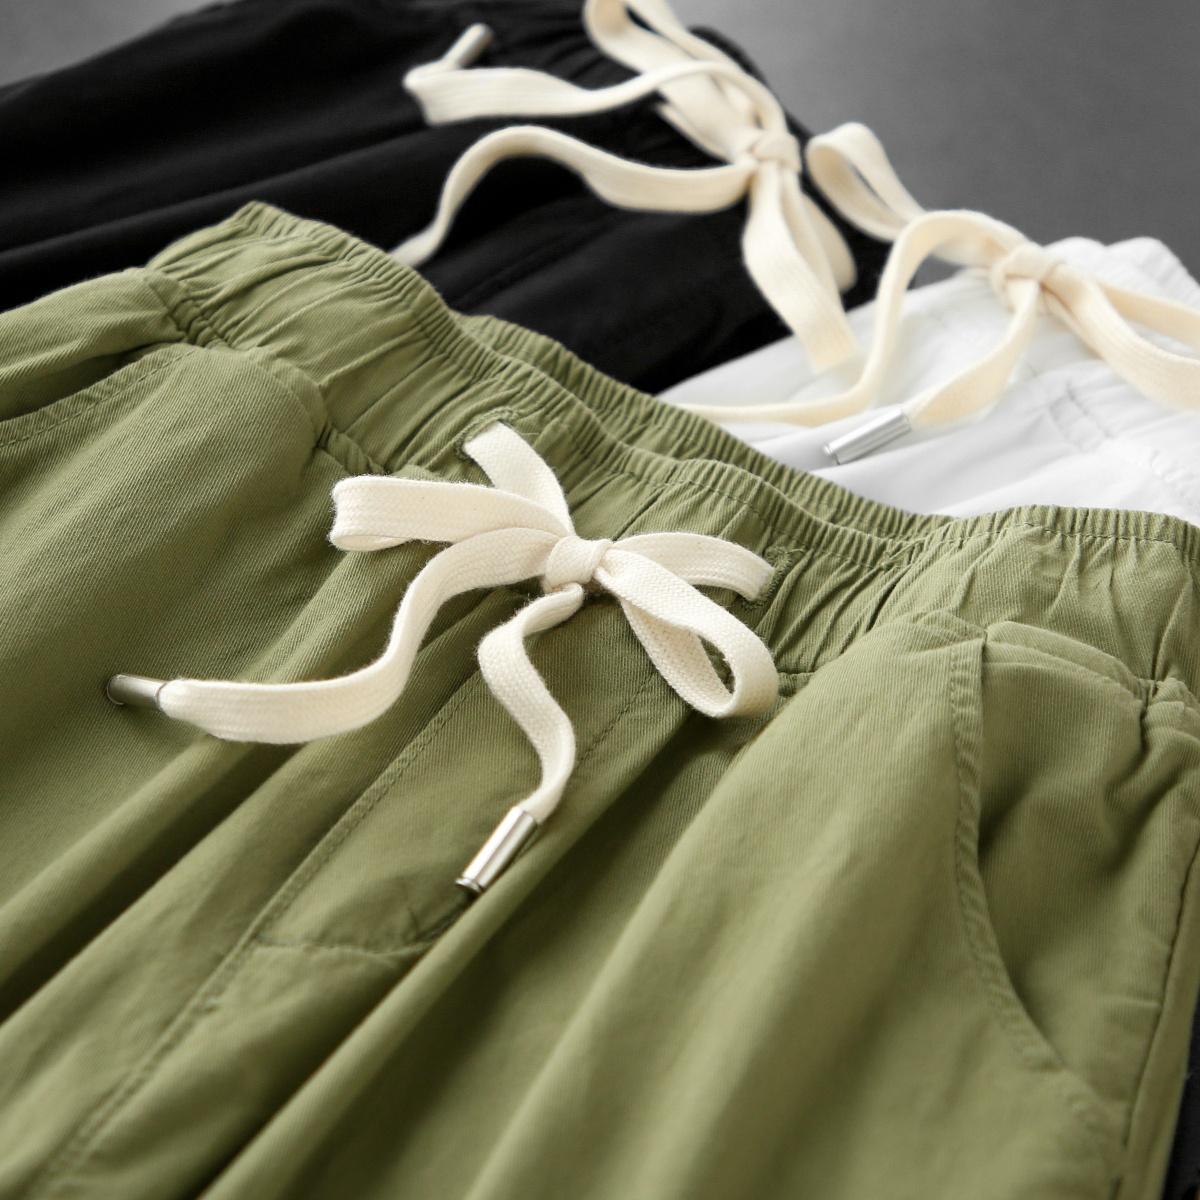 亮色系geong夏天!日式工装风!兼具时尚与实穿高腰锥形休闲裤女夏